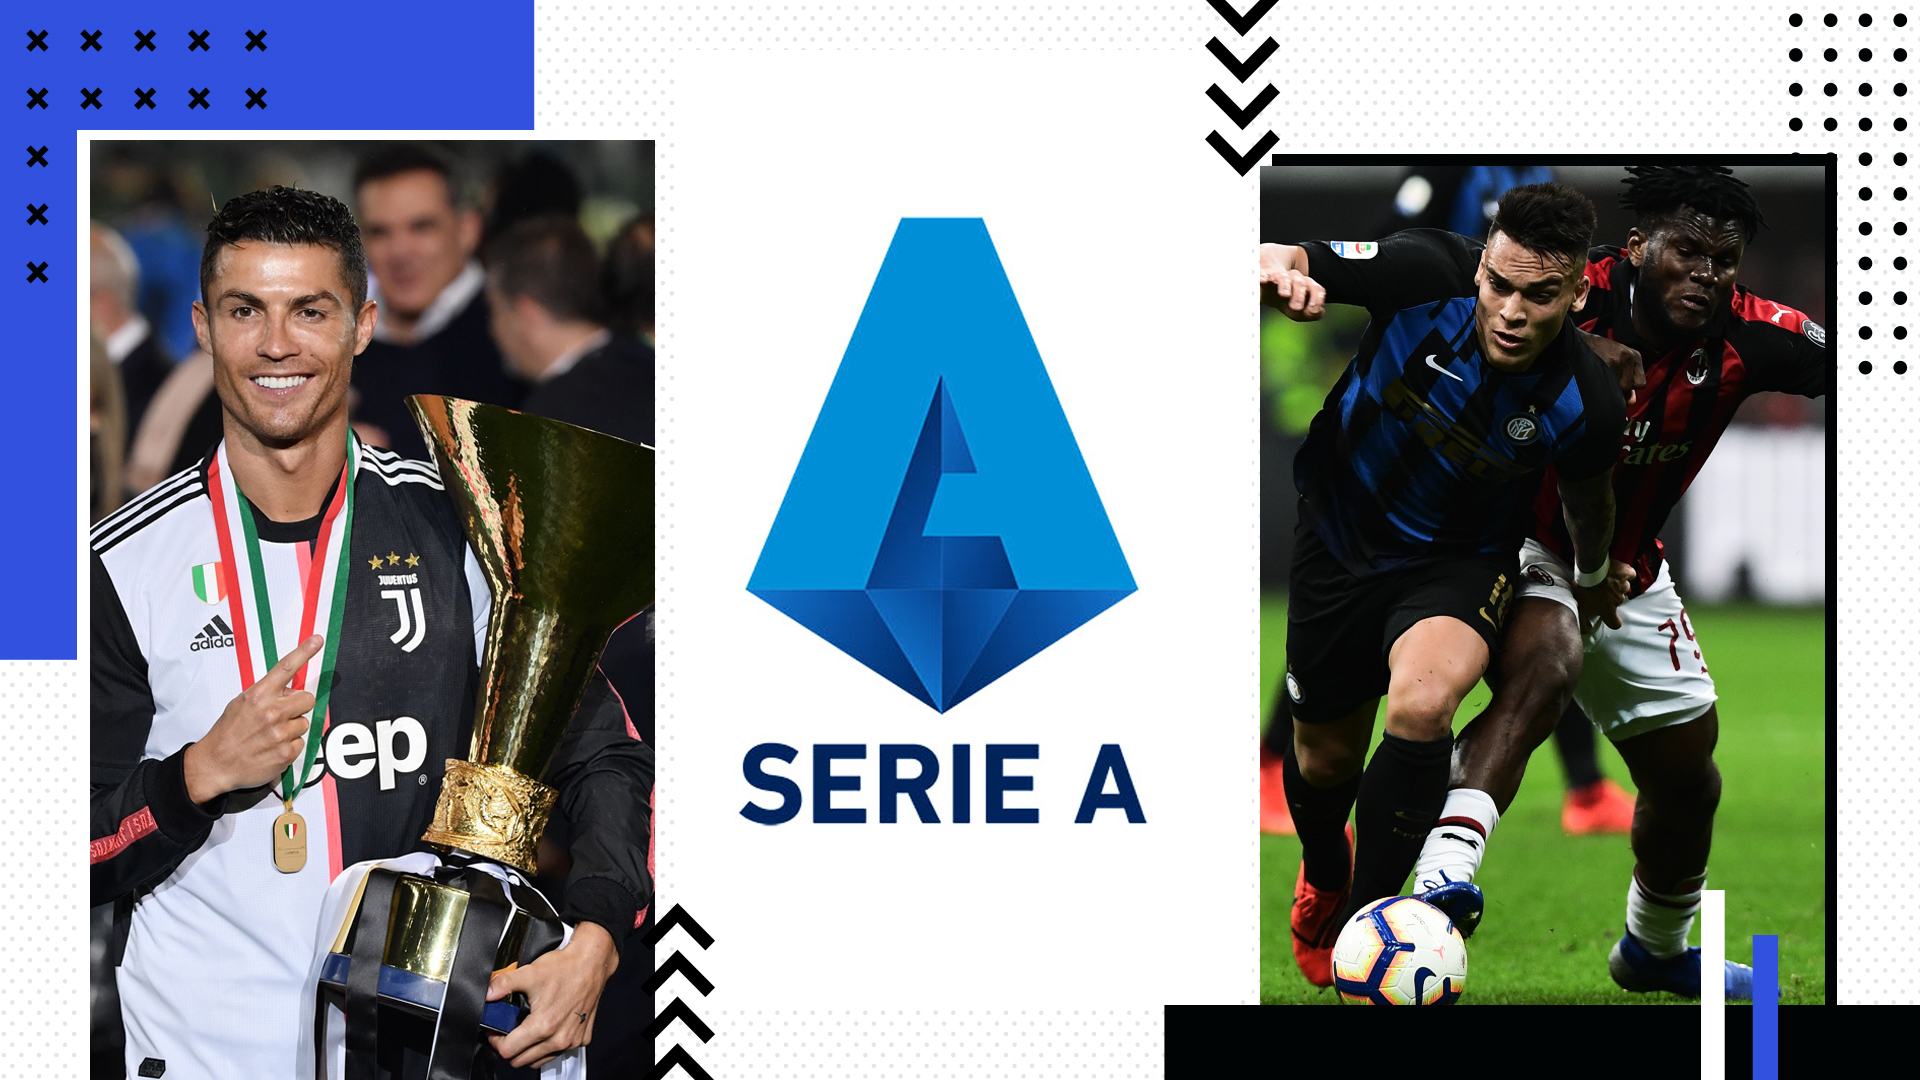 Tabellone Calciomercato Serie A Estate 2019 Acquisti E